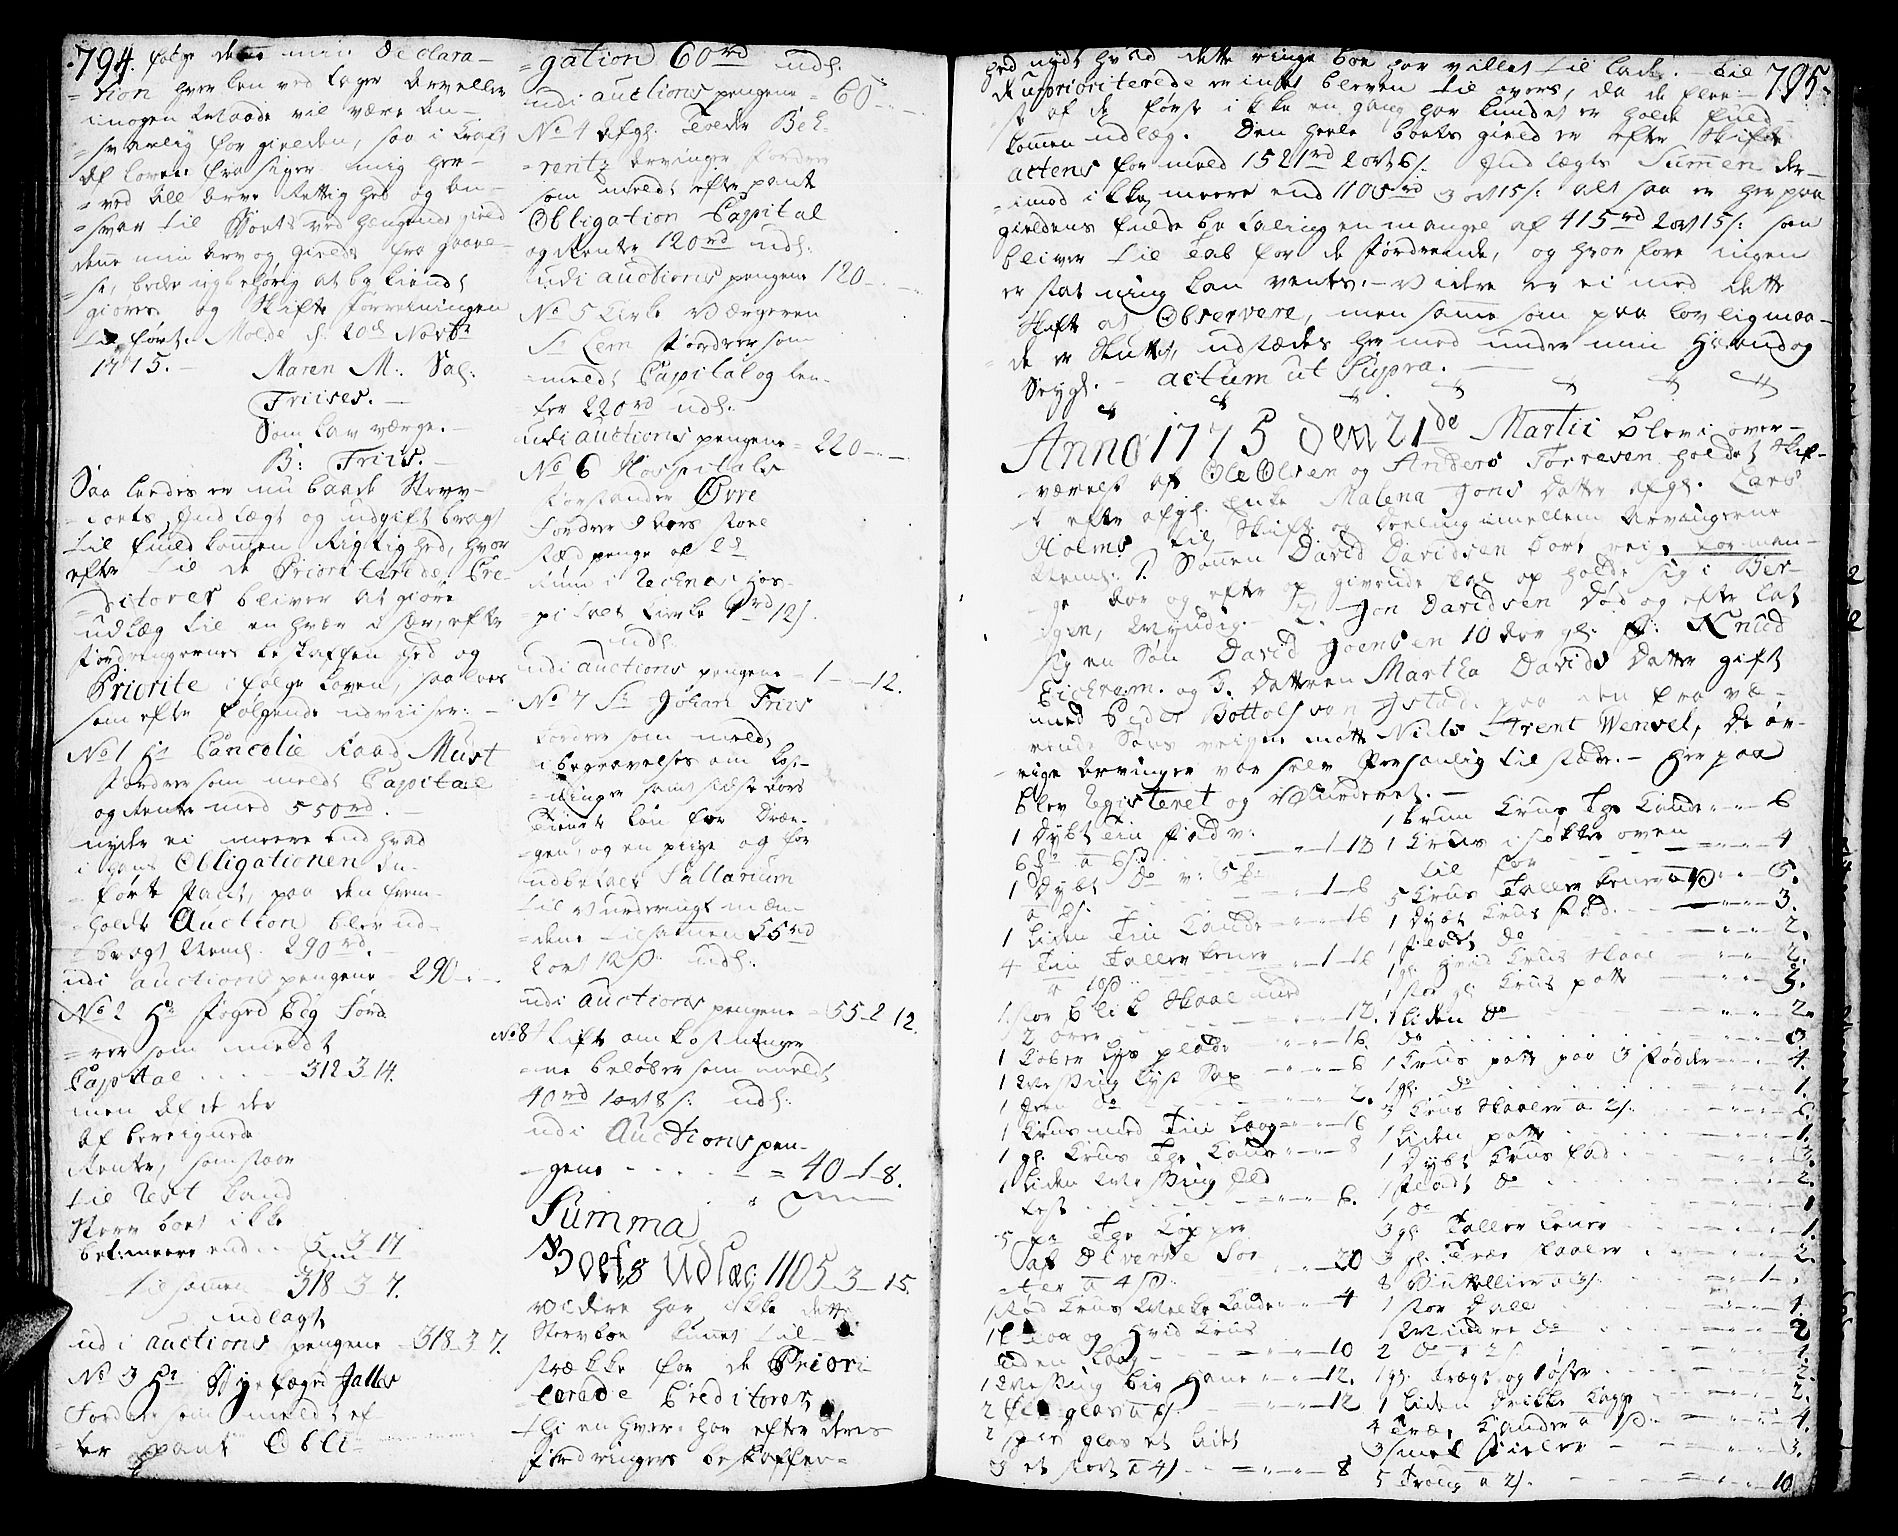 SAT, Molde byfogd, 3/3Aa/L0002: Skifteprotokoll, 1768-1787, p. 794-795